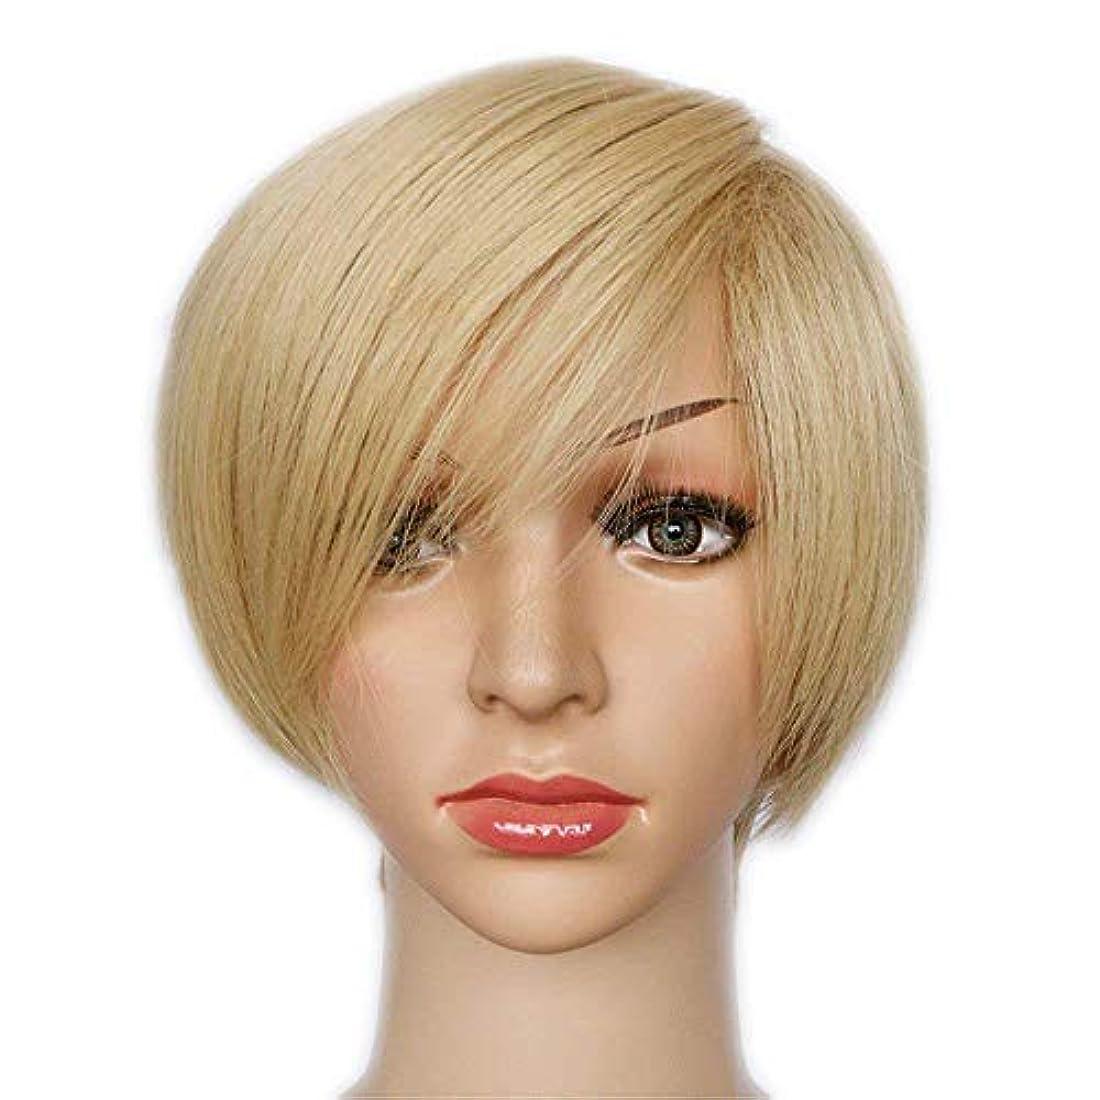 散るコンテンポラリー政治WASAIO 金髪の自然な見た目の短いボブストレートヘア女性のファッションかつらアクセサリー前髪無料キャップとスタイルの交換 (色 : Blonde)